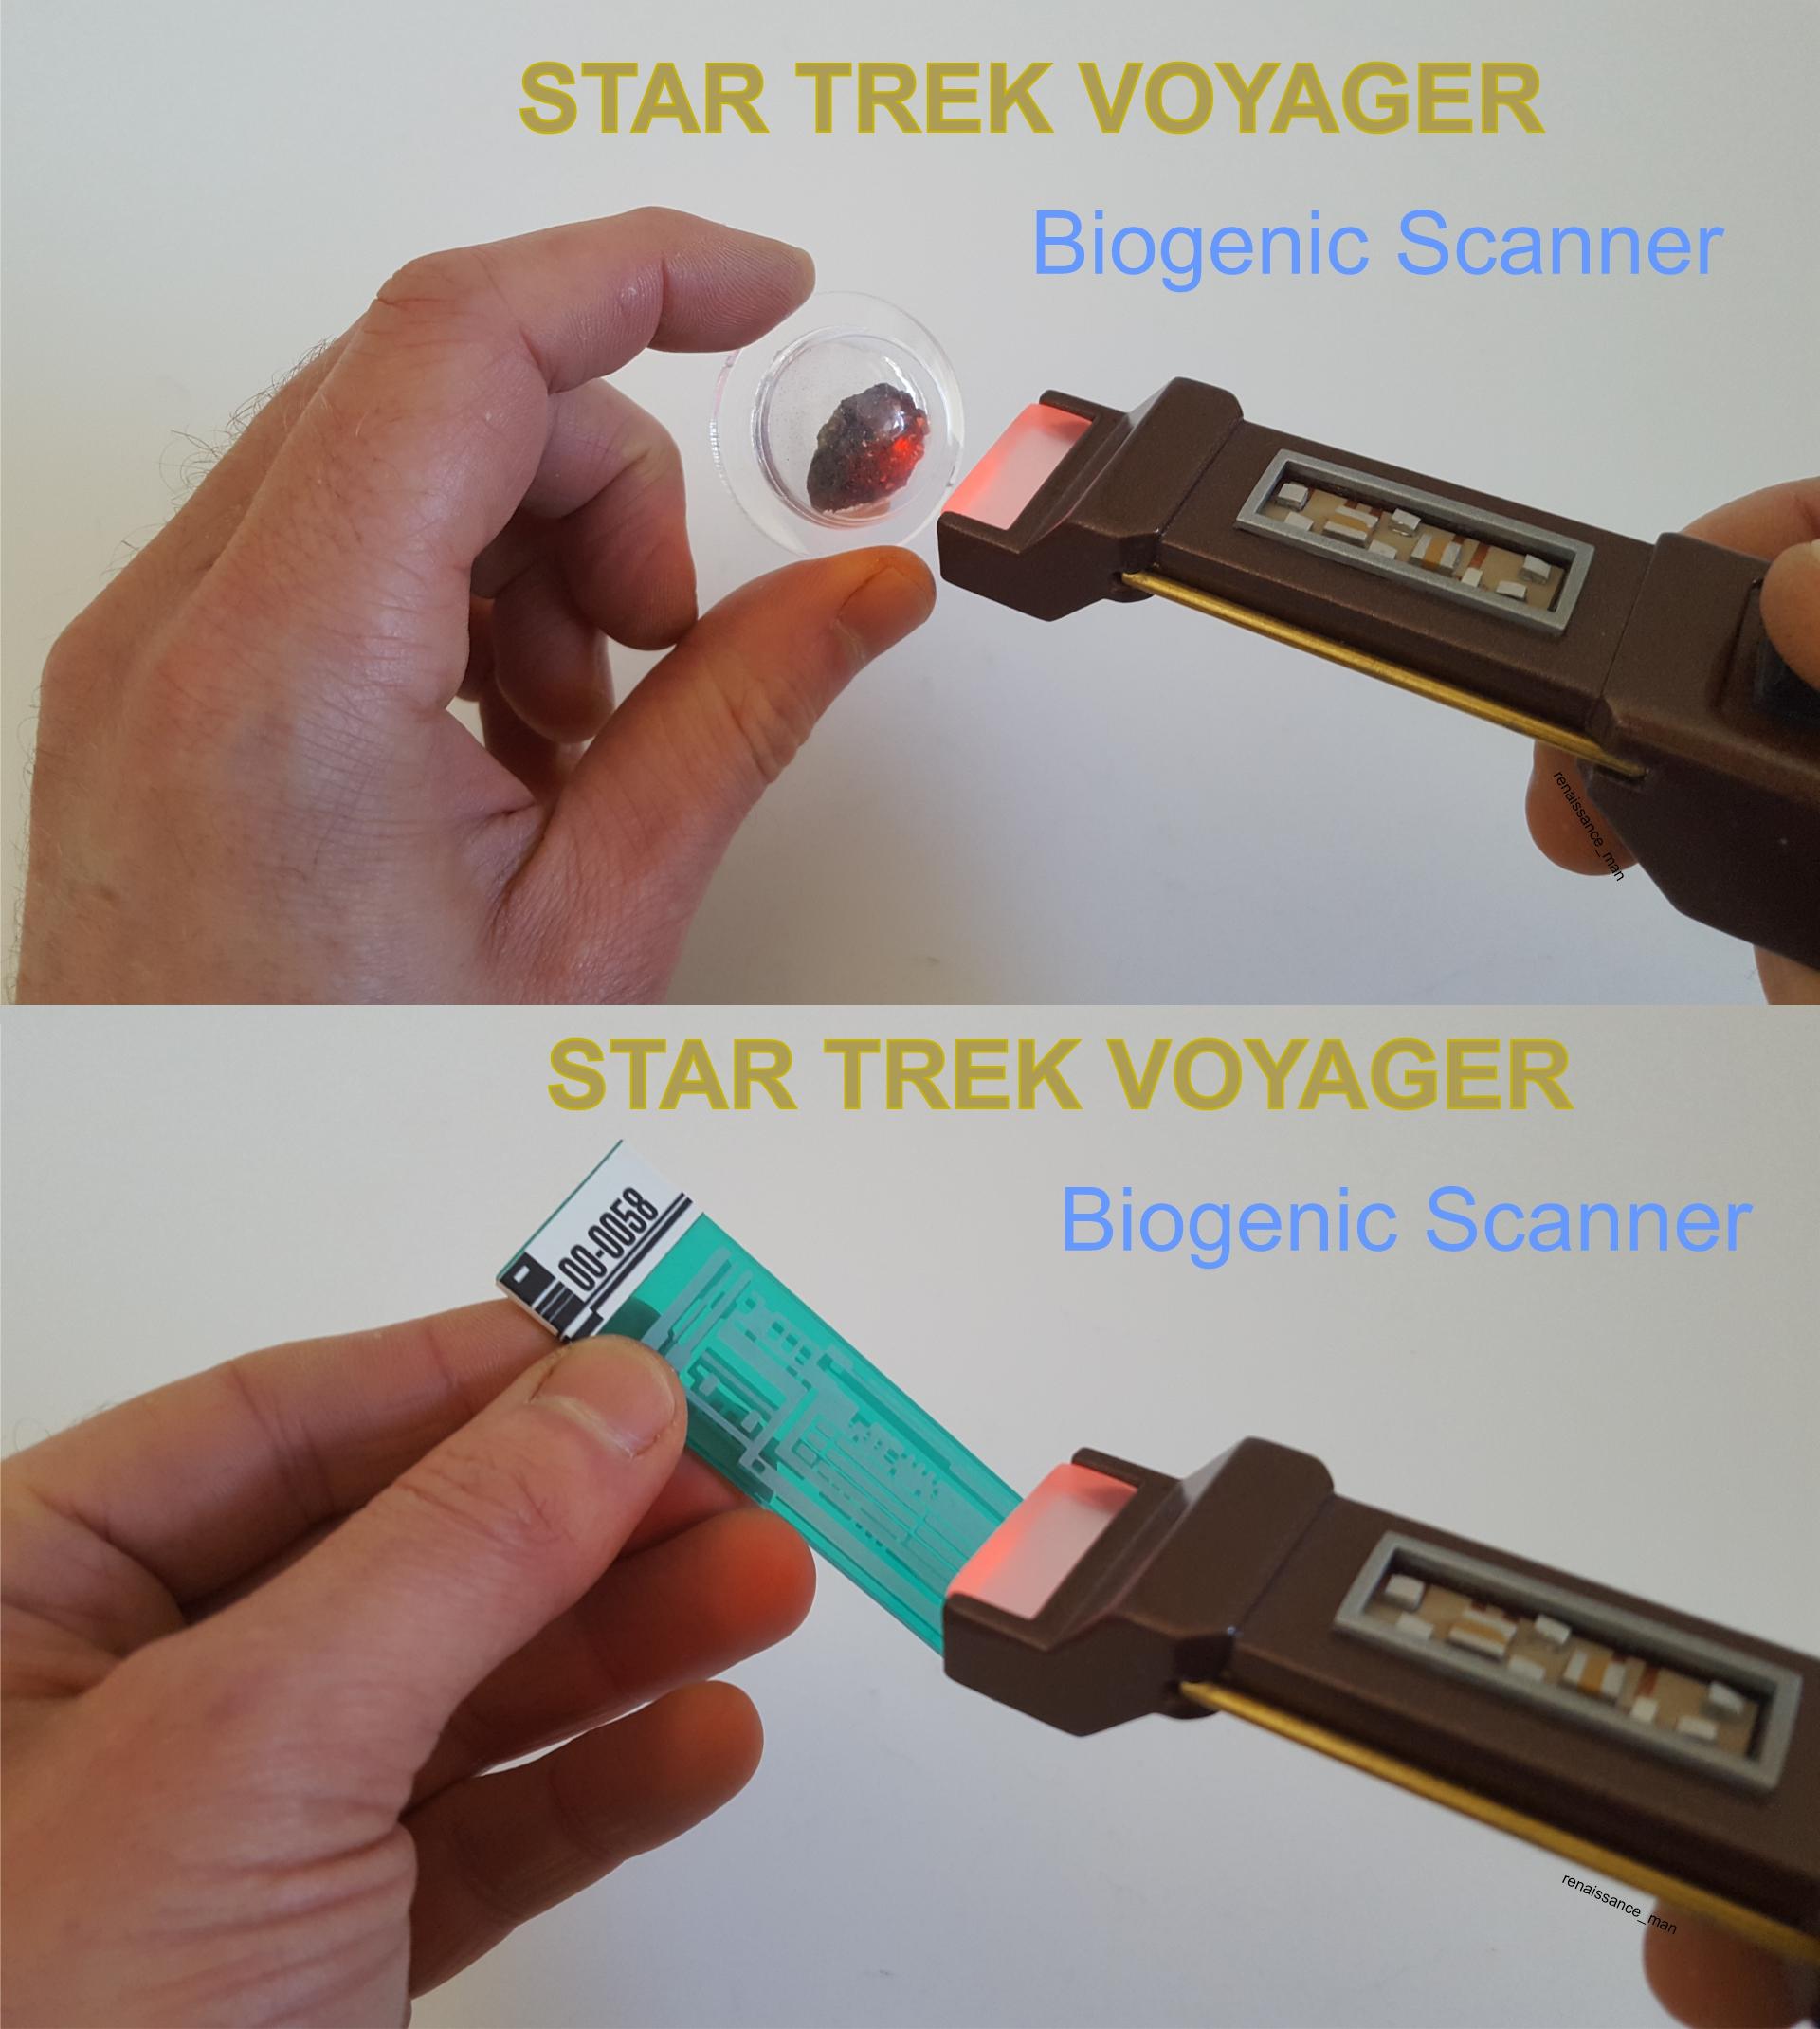 Voyager-Biogenic-Scanner.jpg